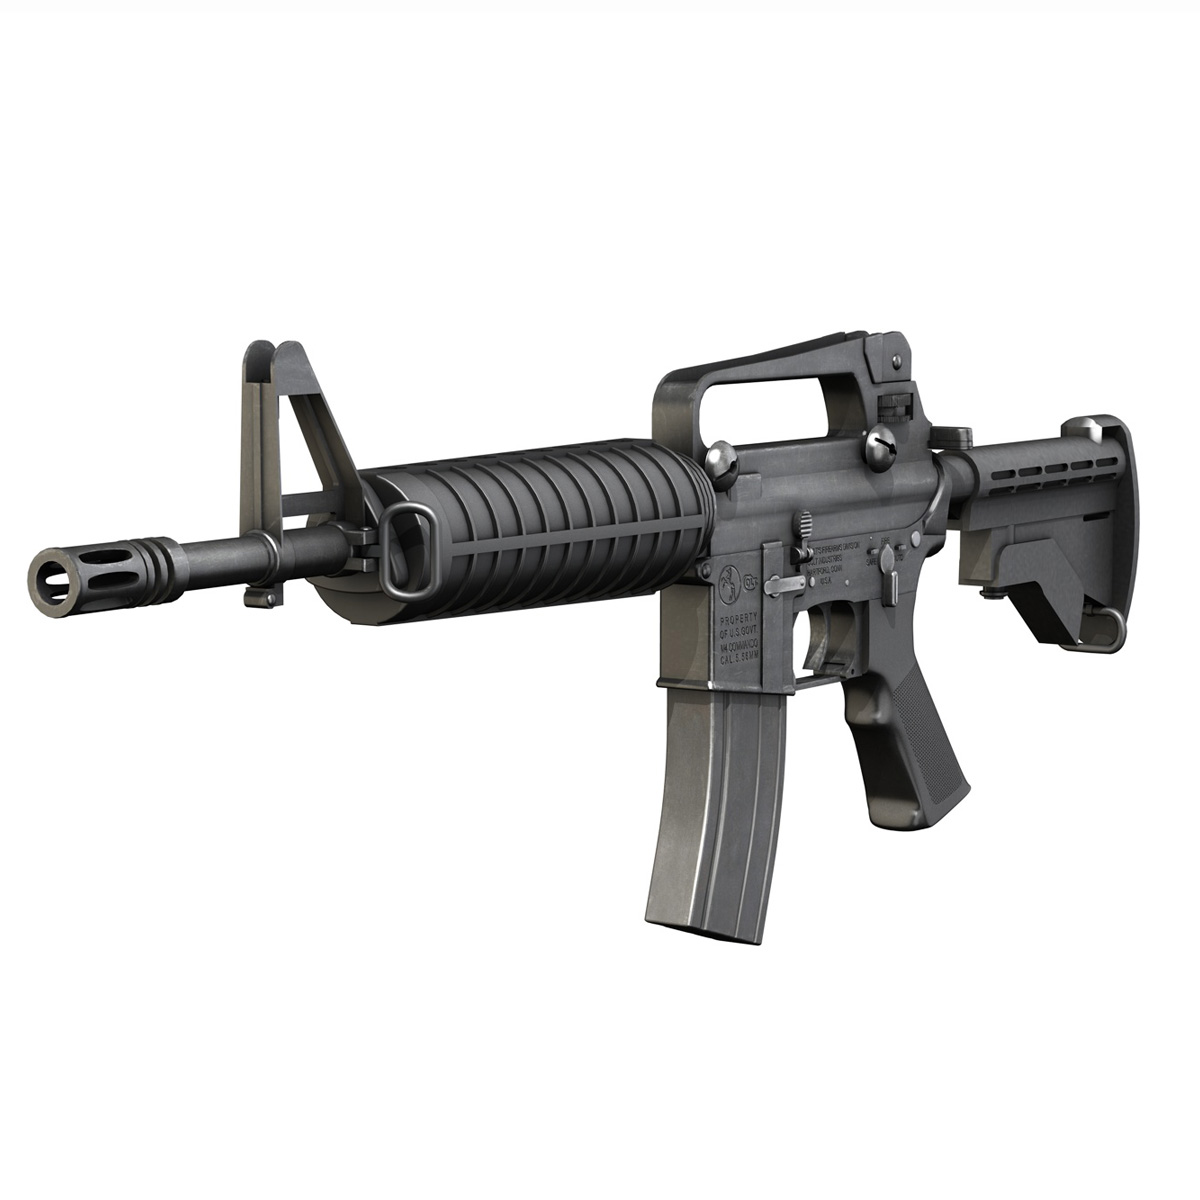 colt m4 commando assault rifle 3d model 3ds fbx c4d lwo obj 187495